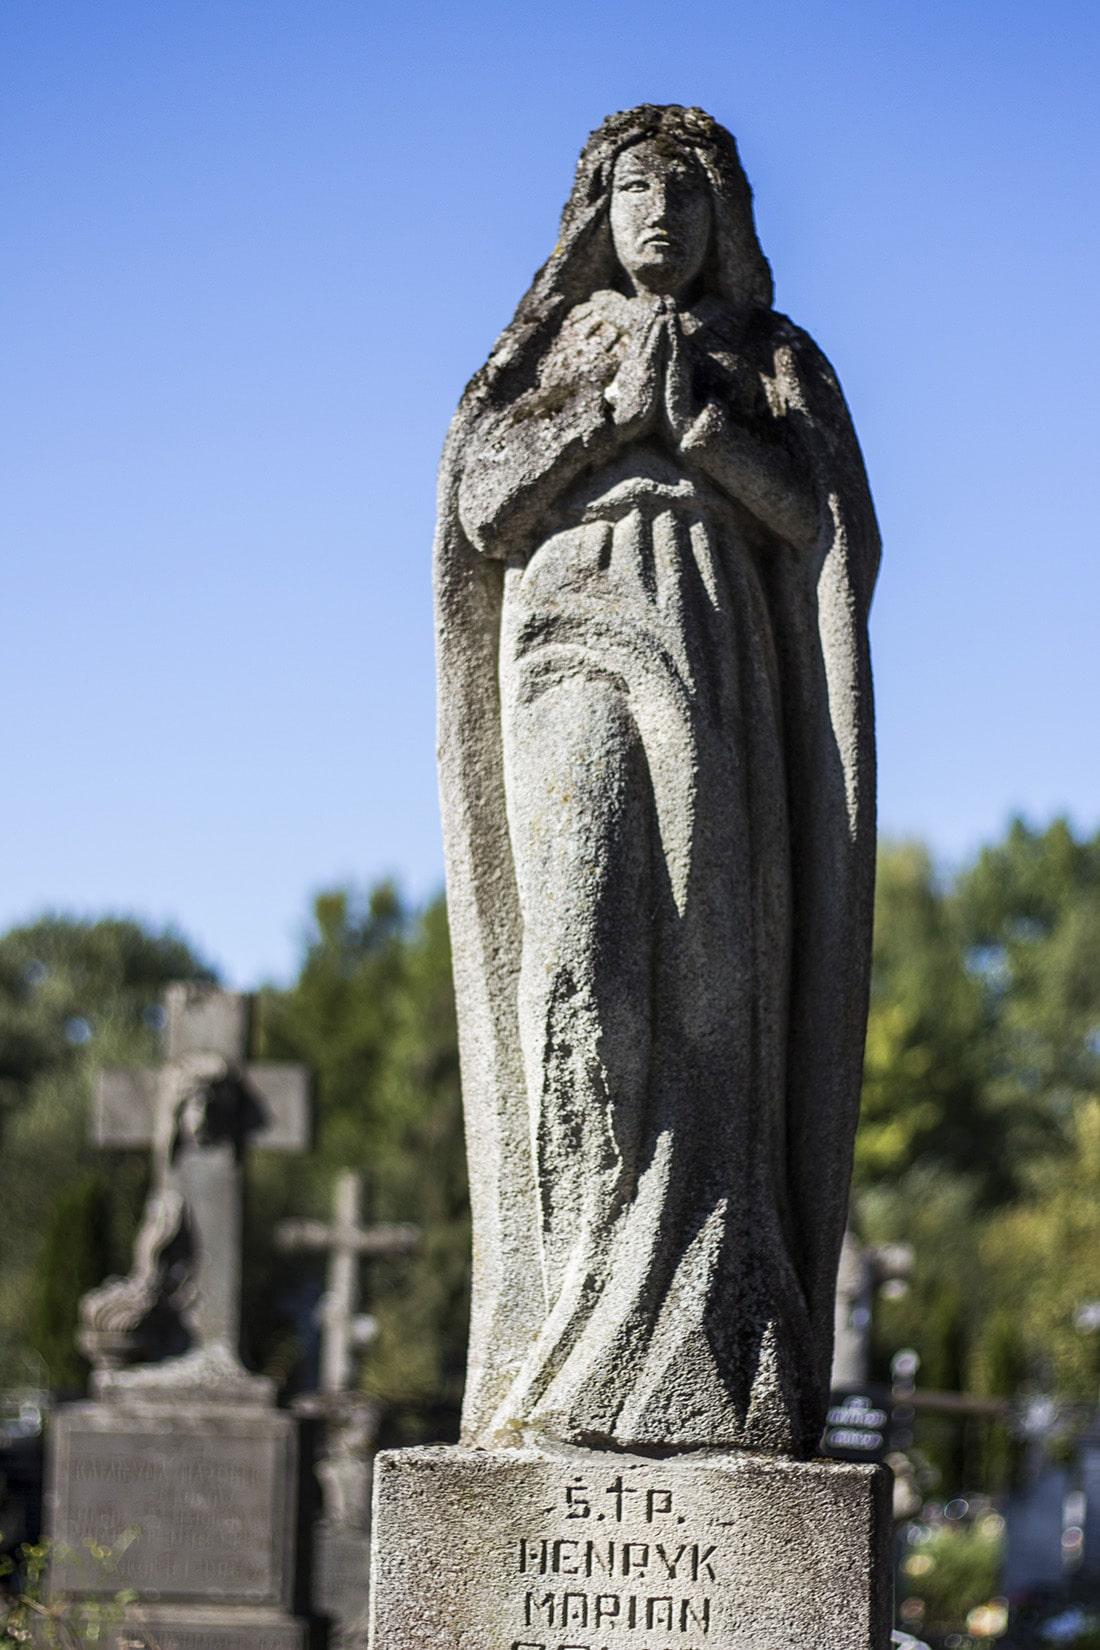 Majestatycznie i dostojnie - tak wyglądające rzeźby można spotkać na starym cmentarzu w Tarnogrodzie